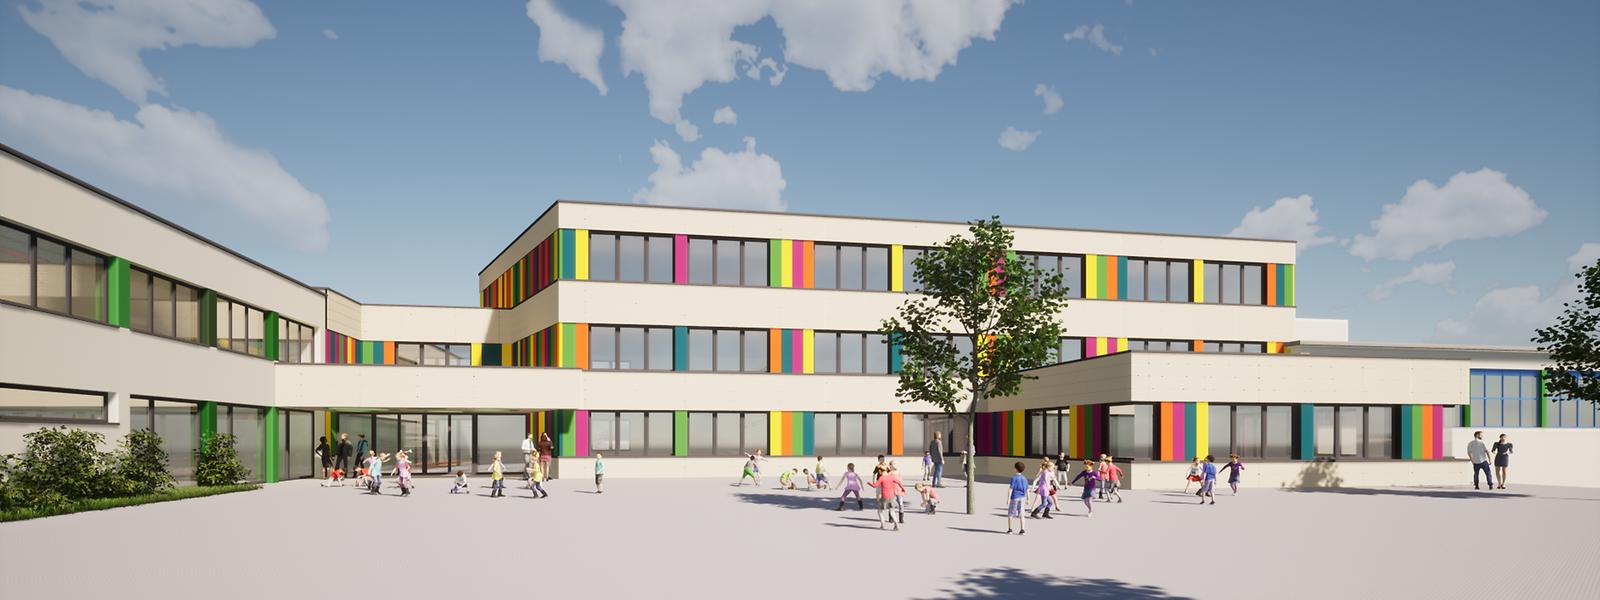 Der Neubau der An-Eigent-Schule.